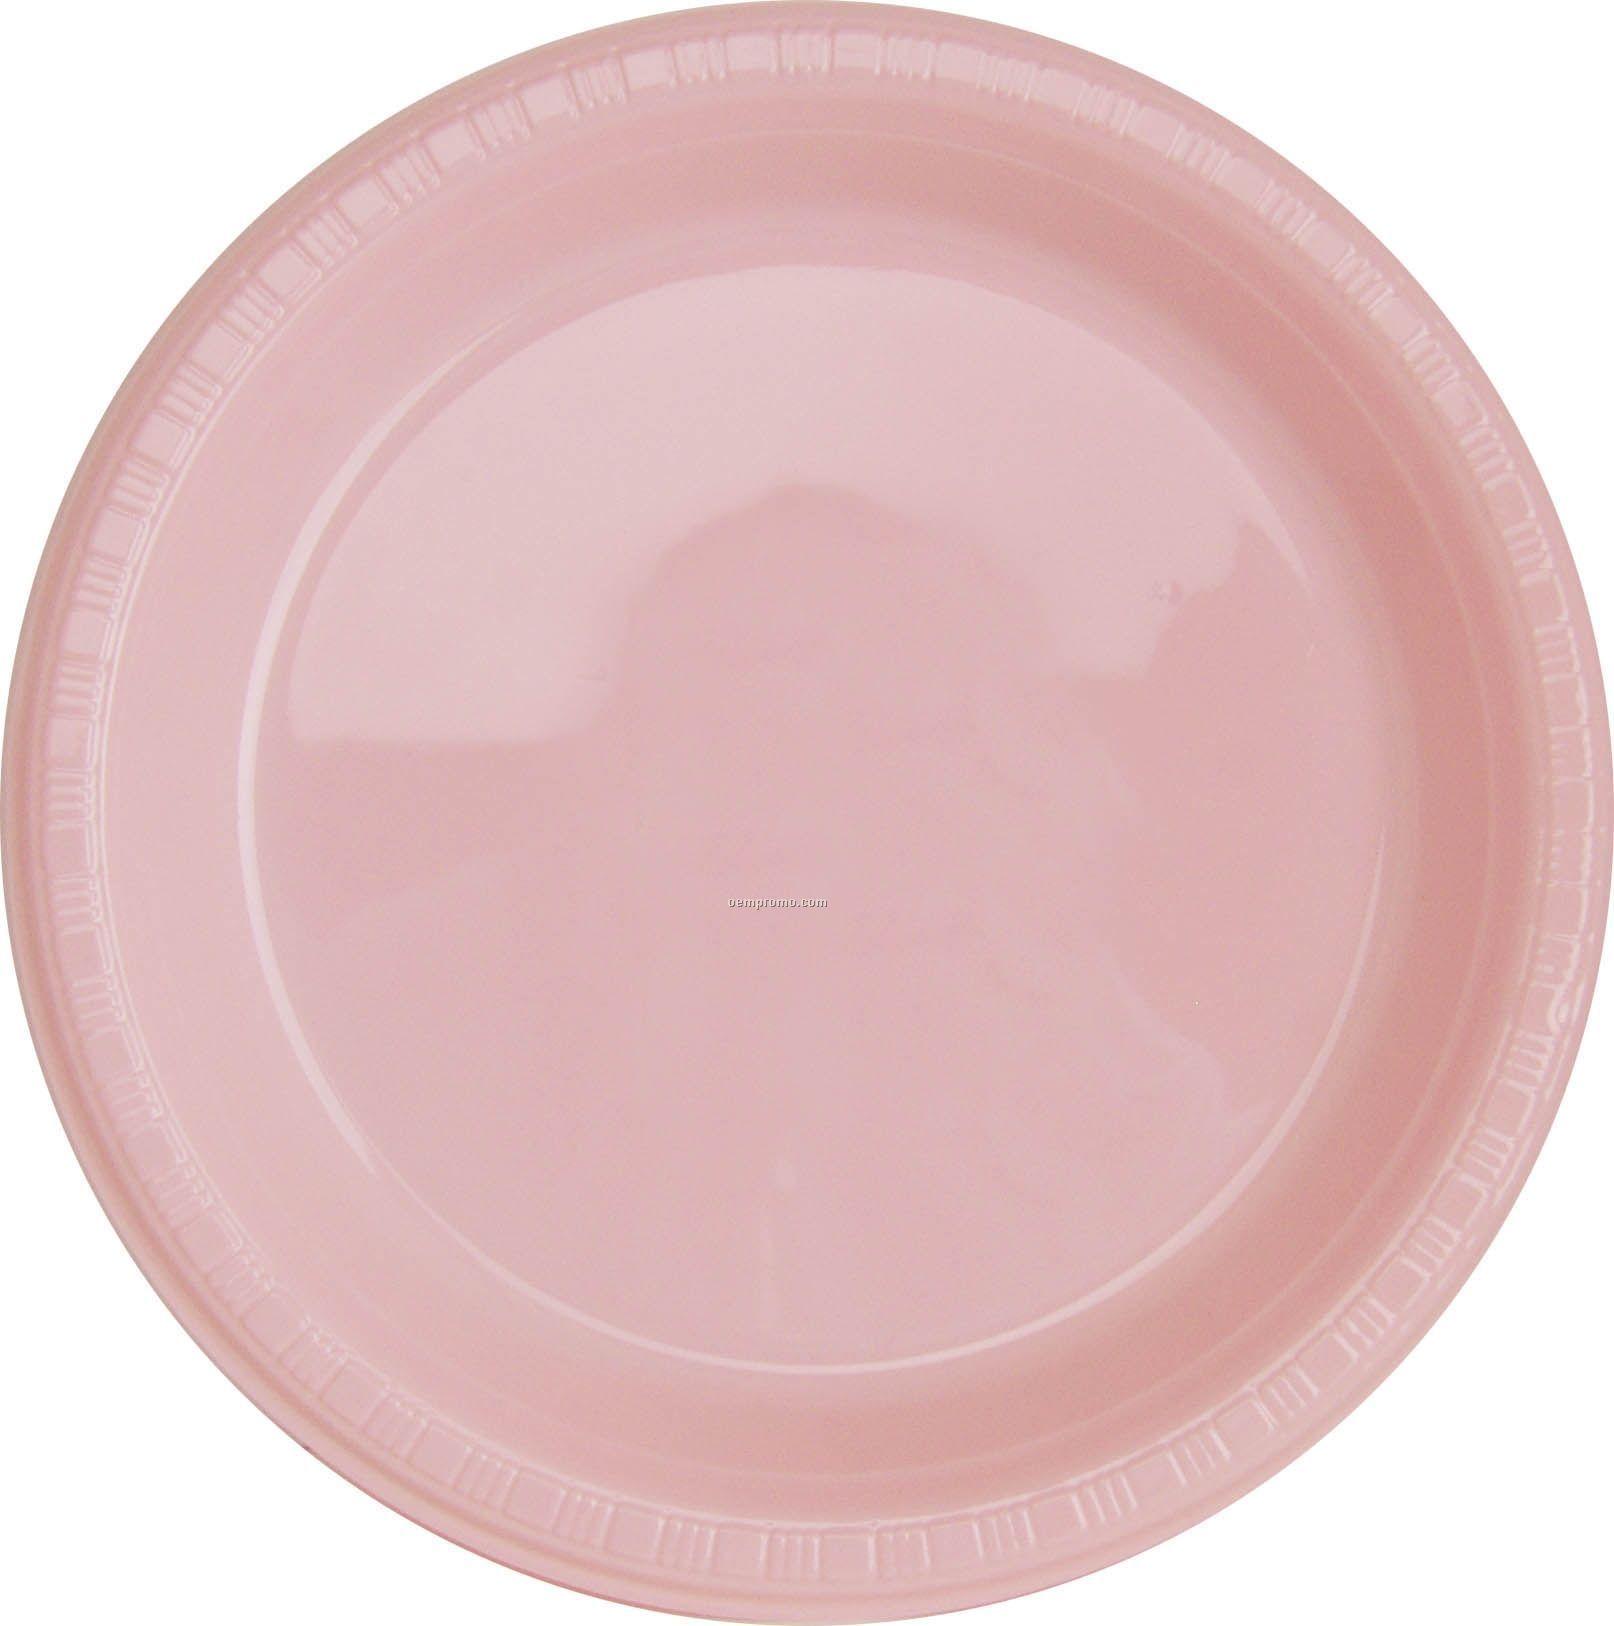 wholesale paper plates